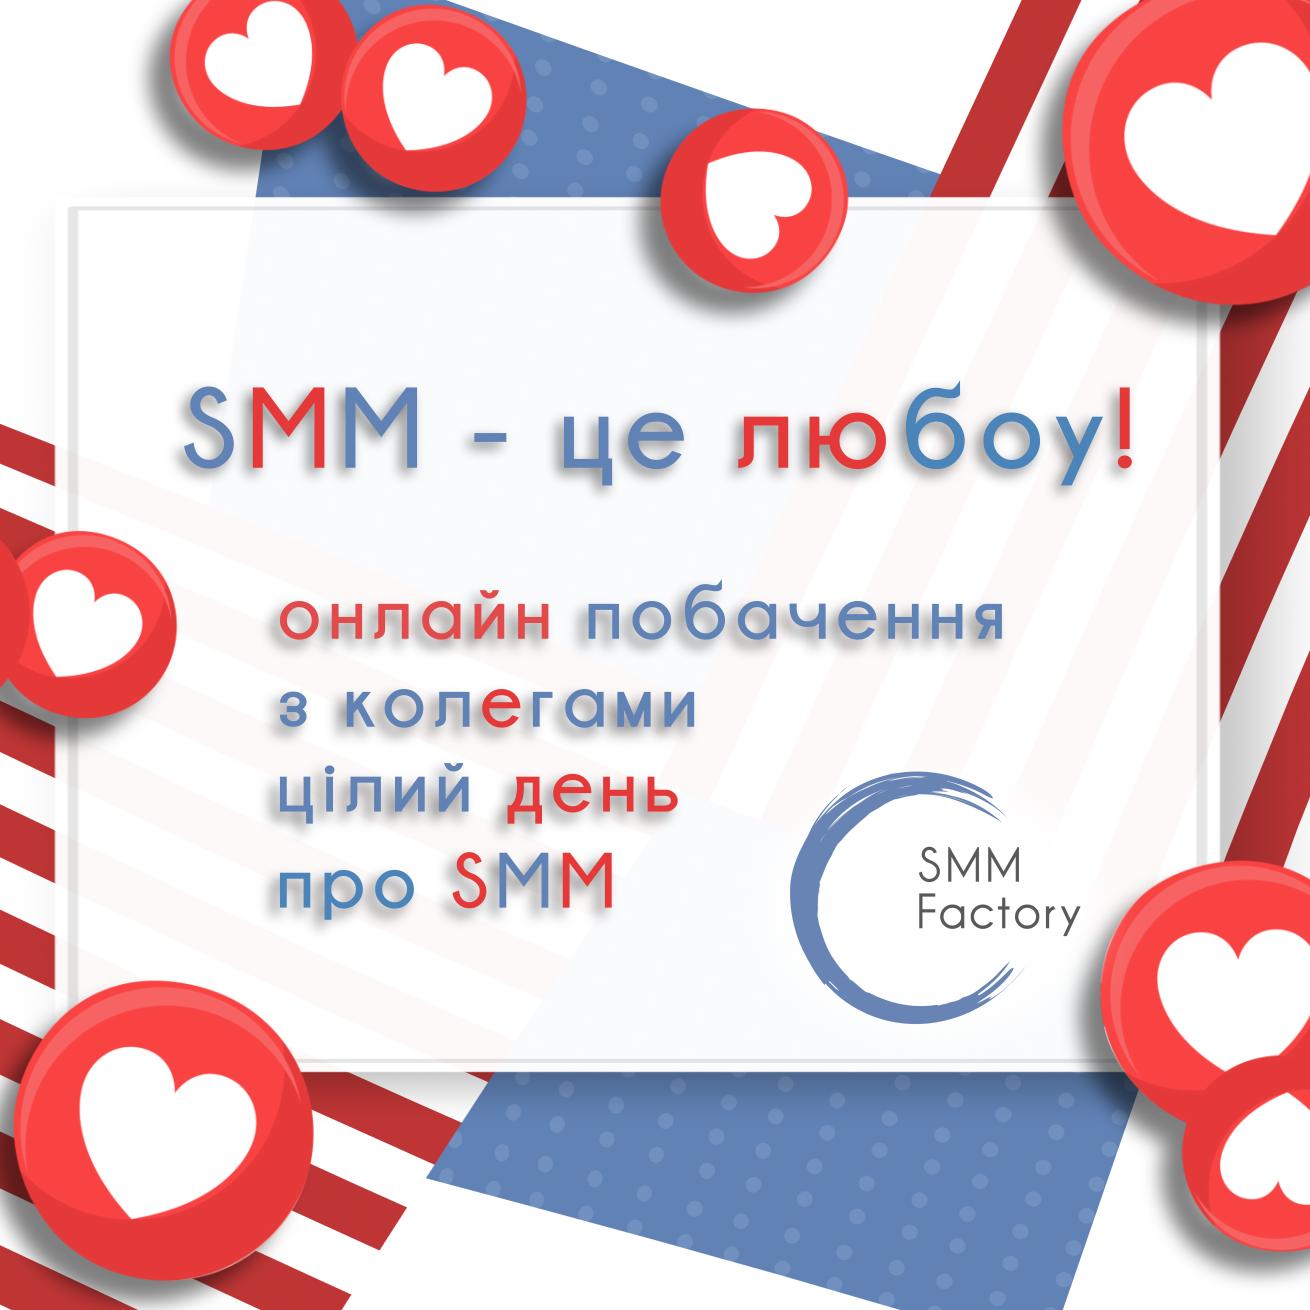 SMM – це любоу! Онлайн-конференція 13 лютого